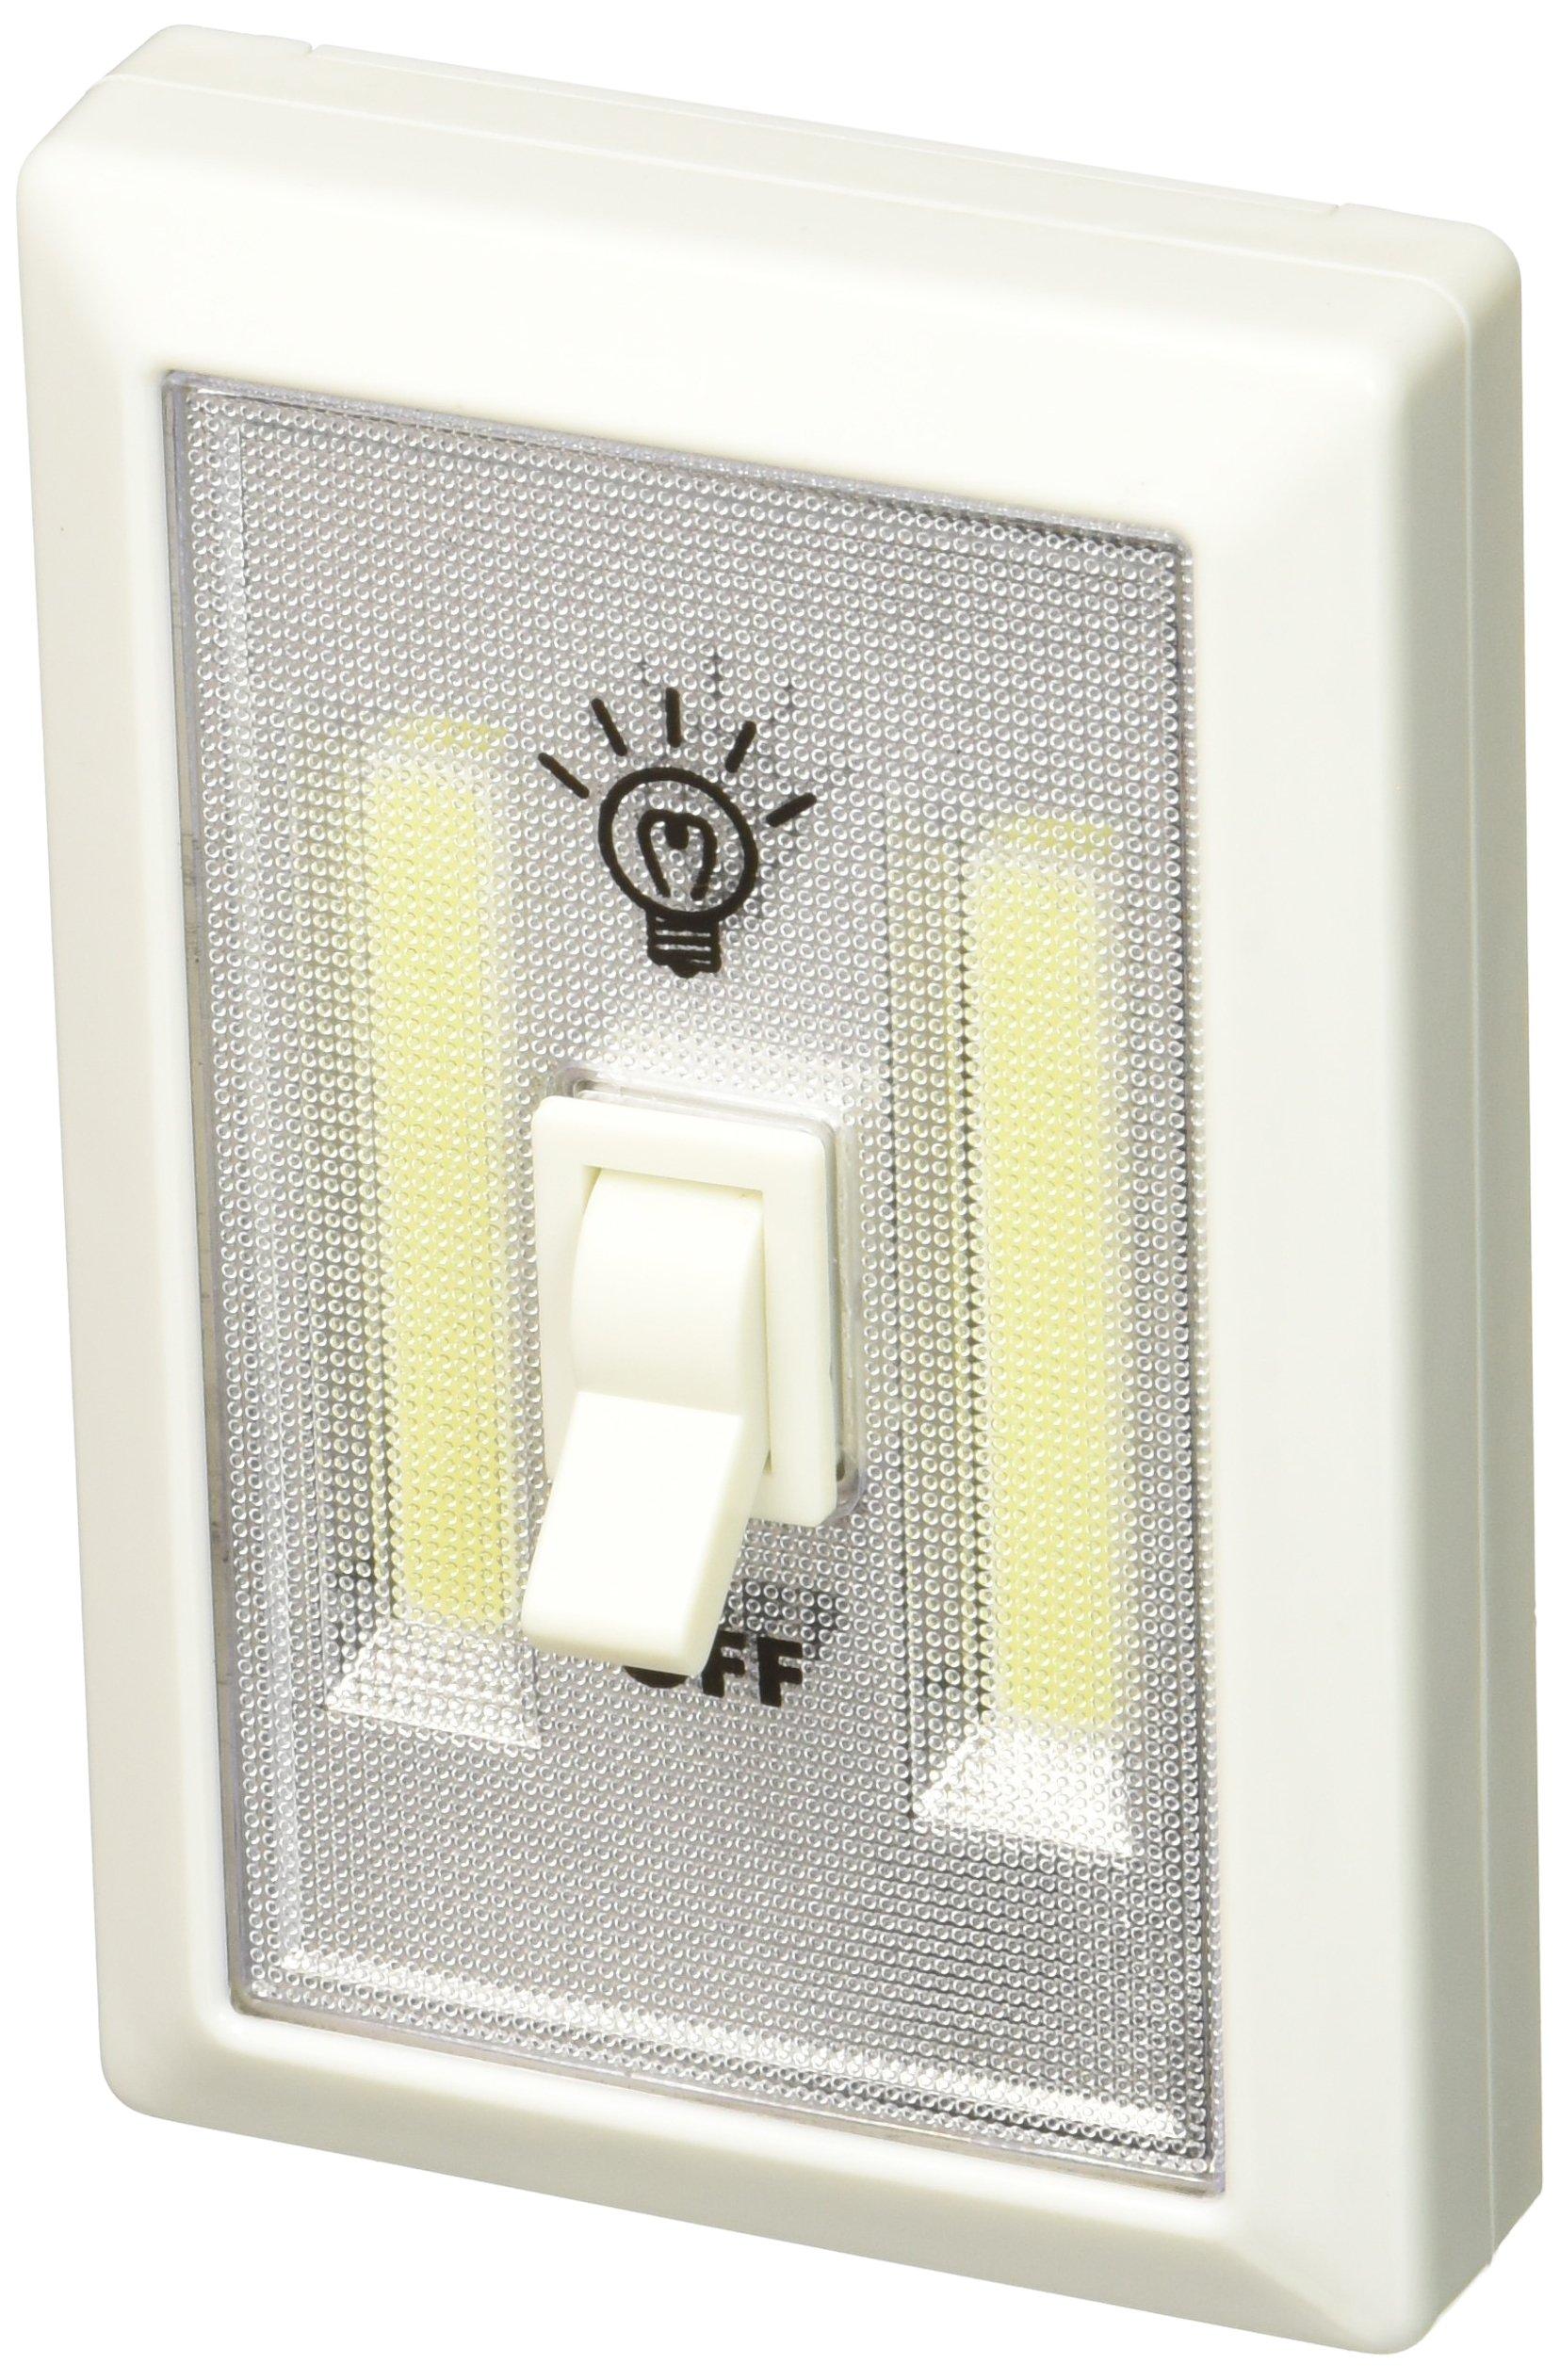 Charmant Multi Switch Licht Zeitgenössisch - Elektrische Schaltplan ...